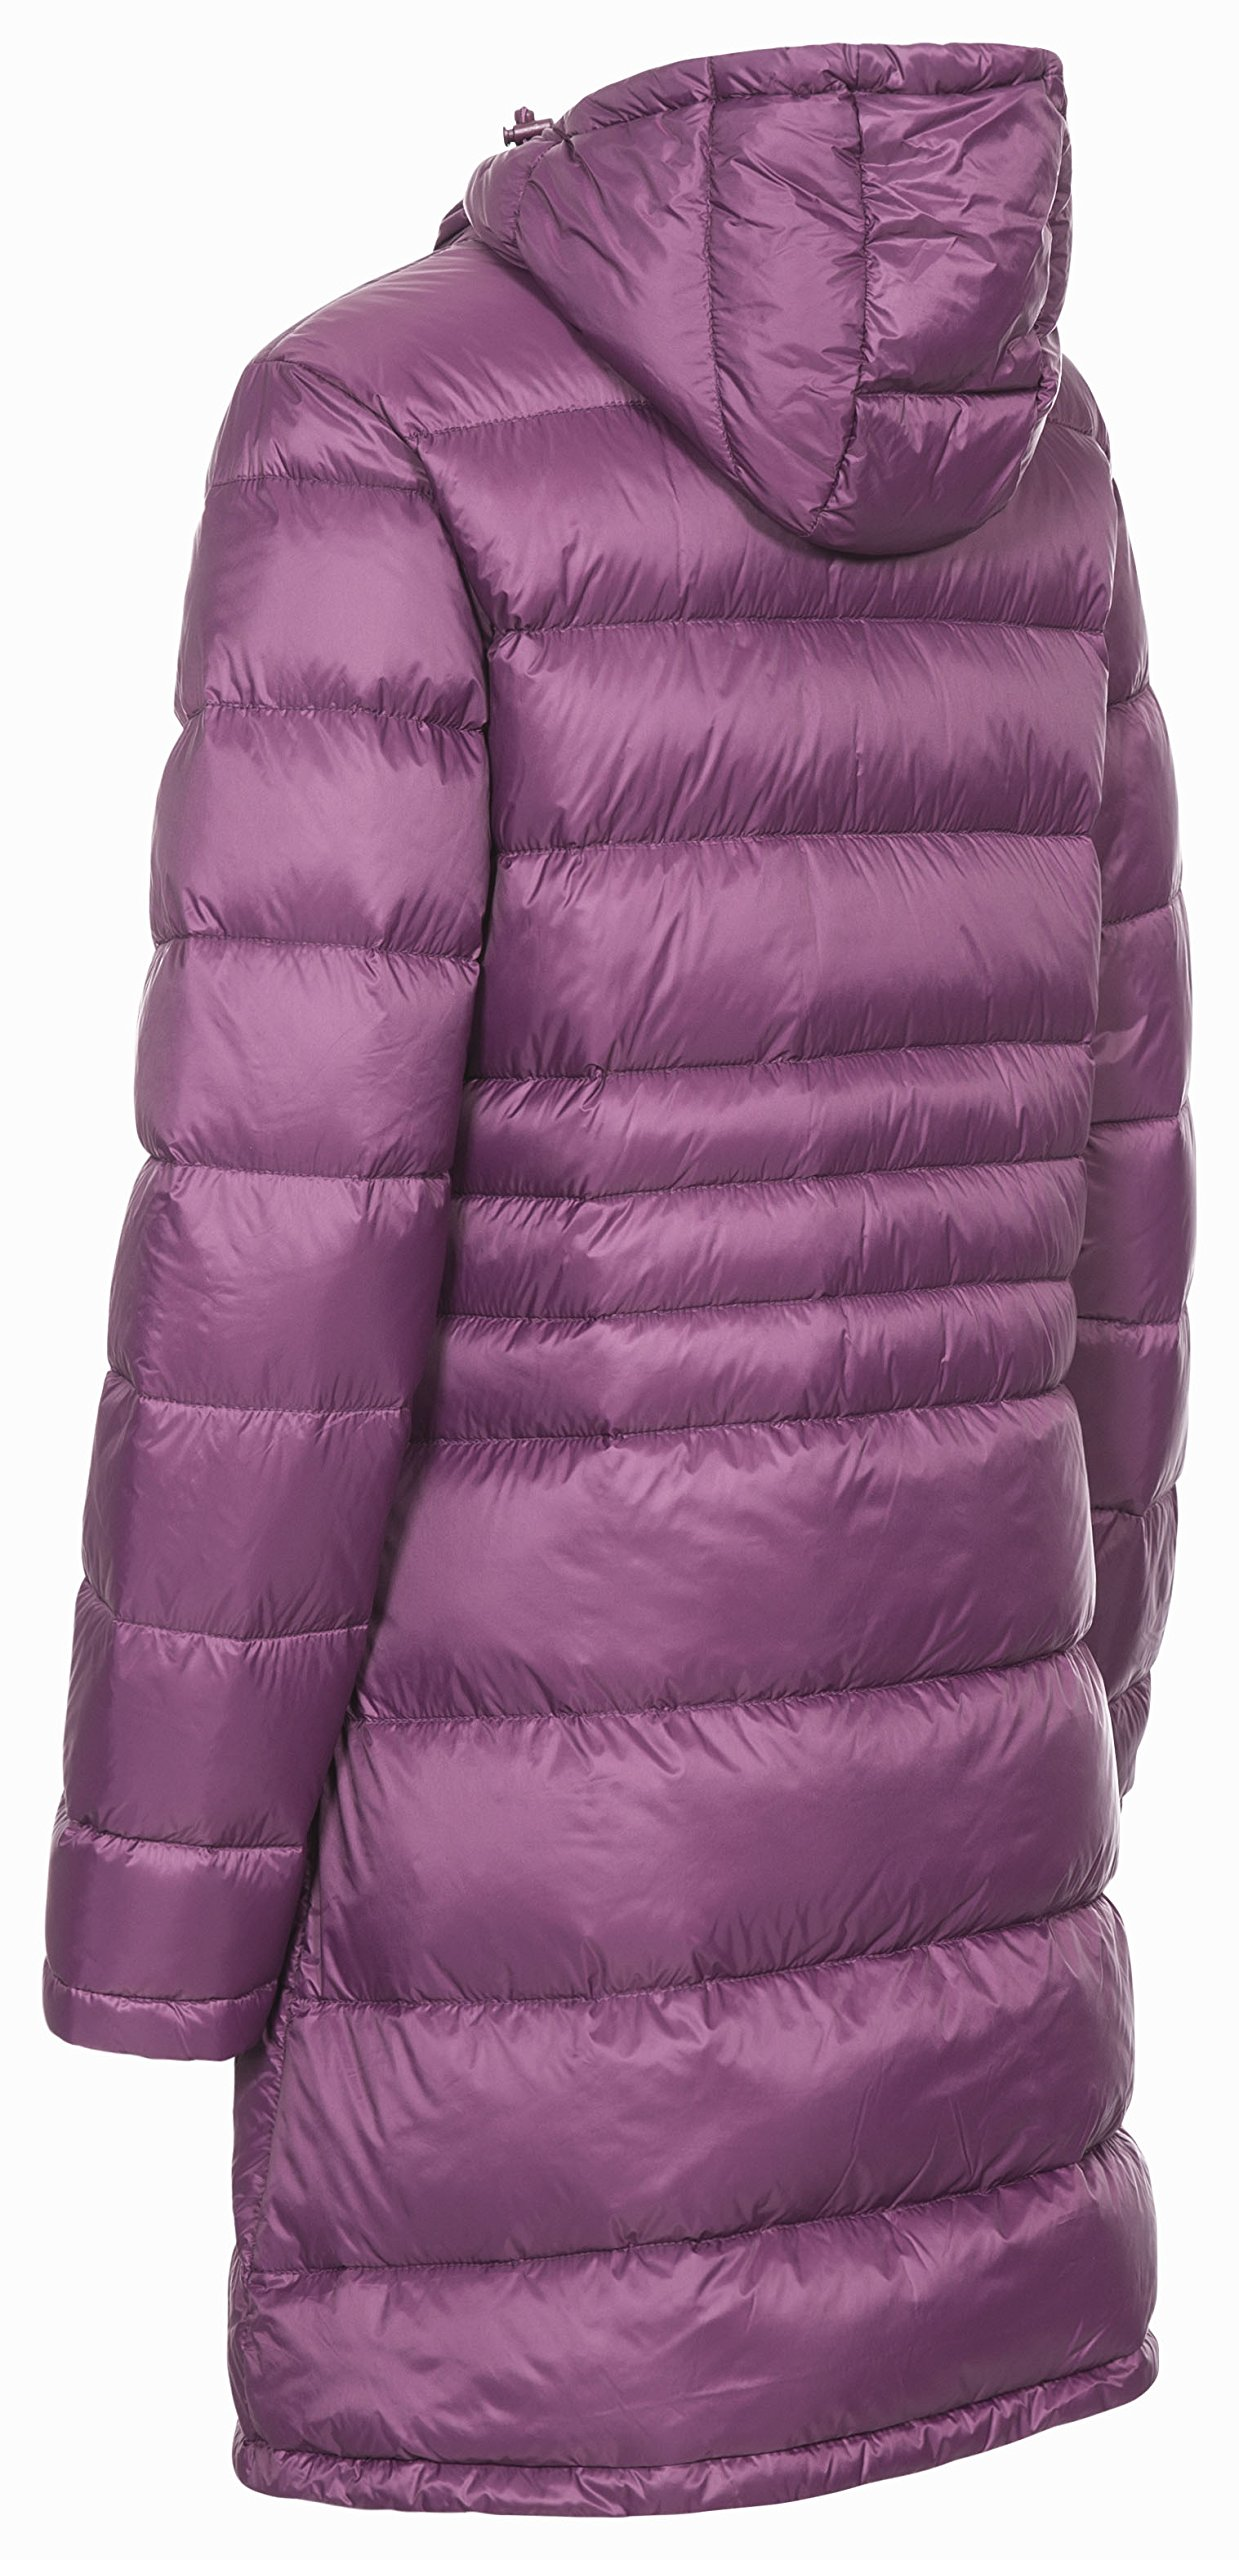 81dojGgkTEL - Trespass Women's Marge Down Jacket